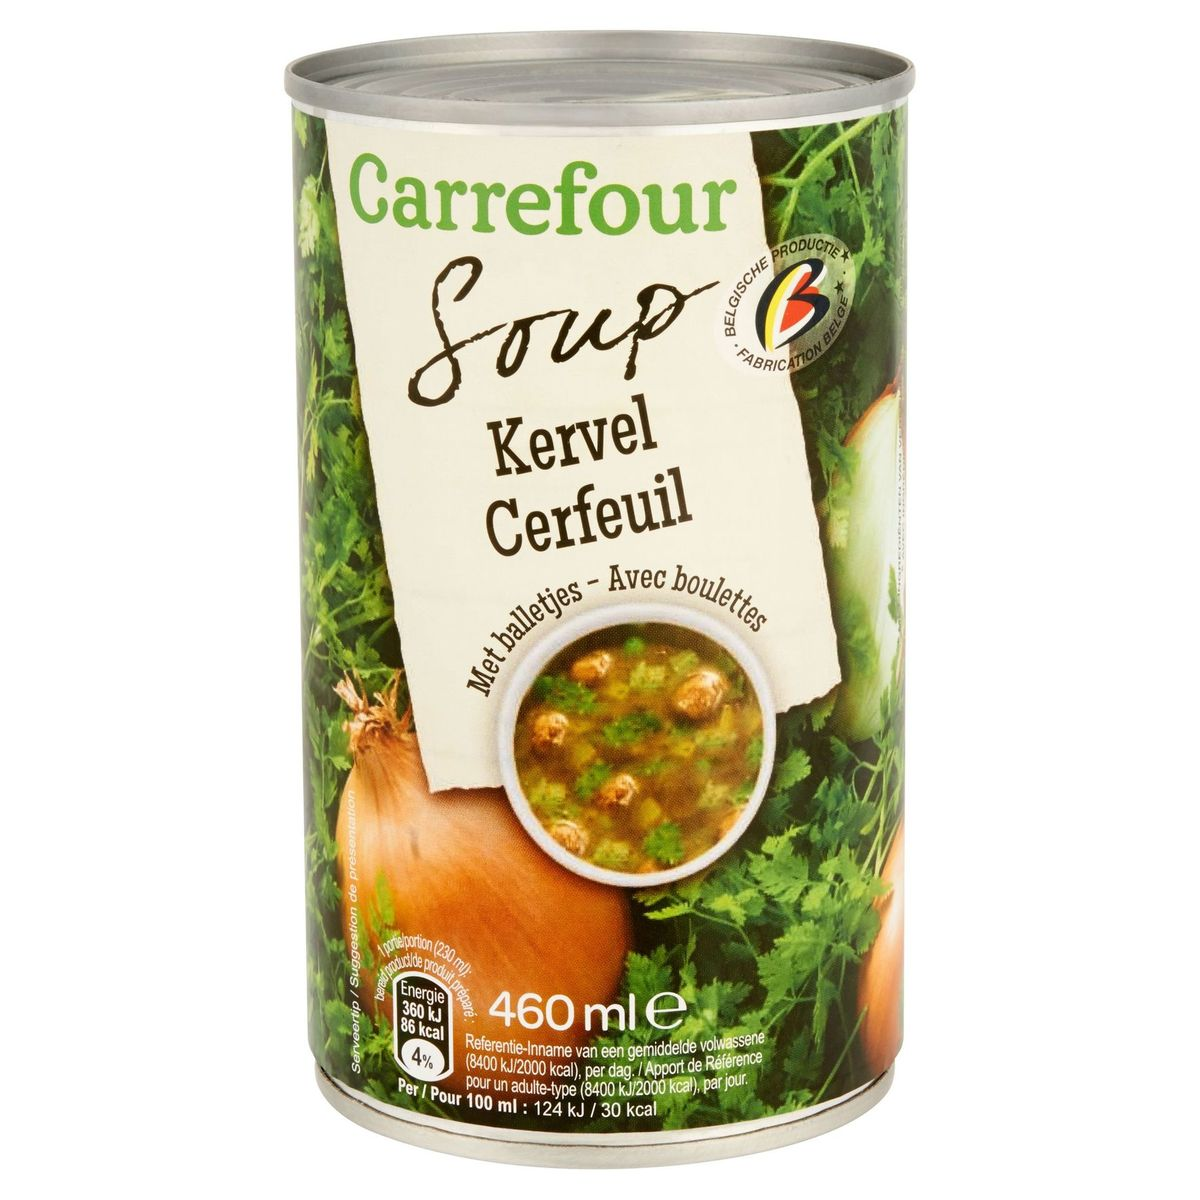 Carrefour Soup Cerfeuil avec Boulettes 460 ml